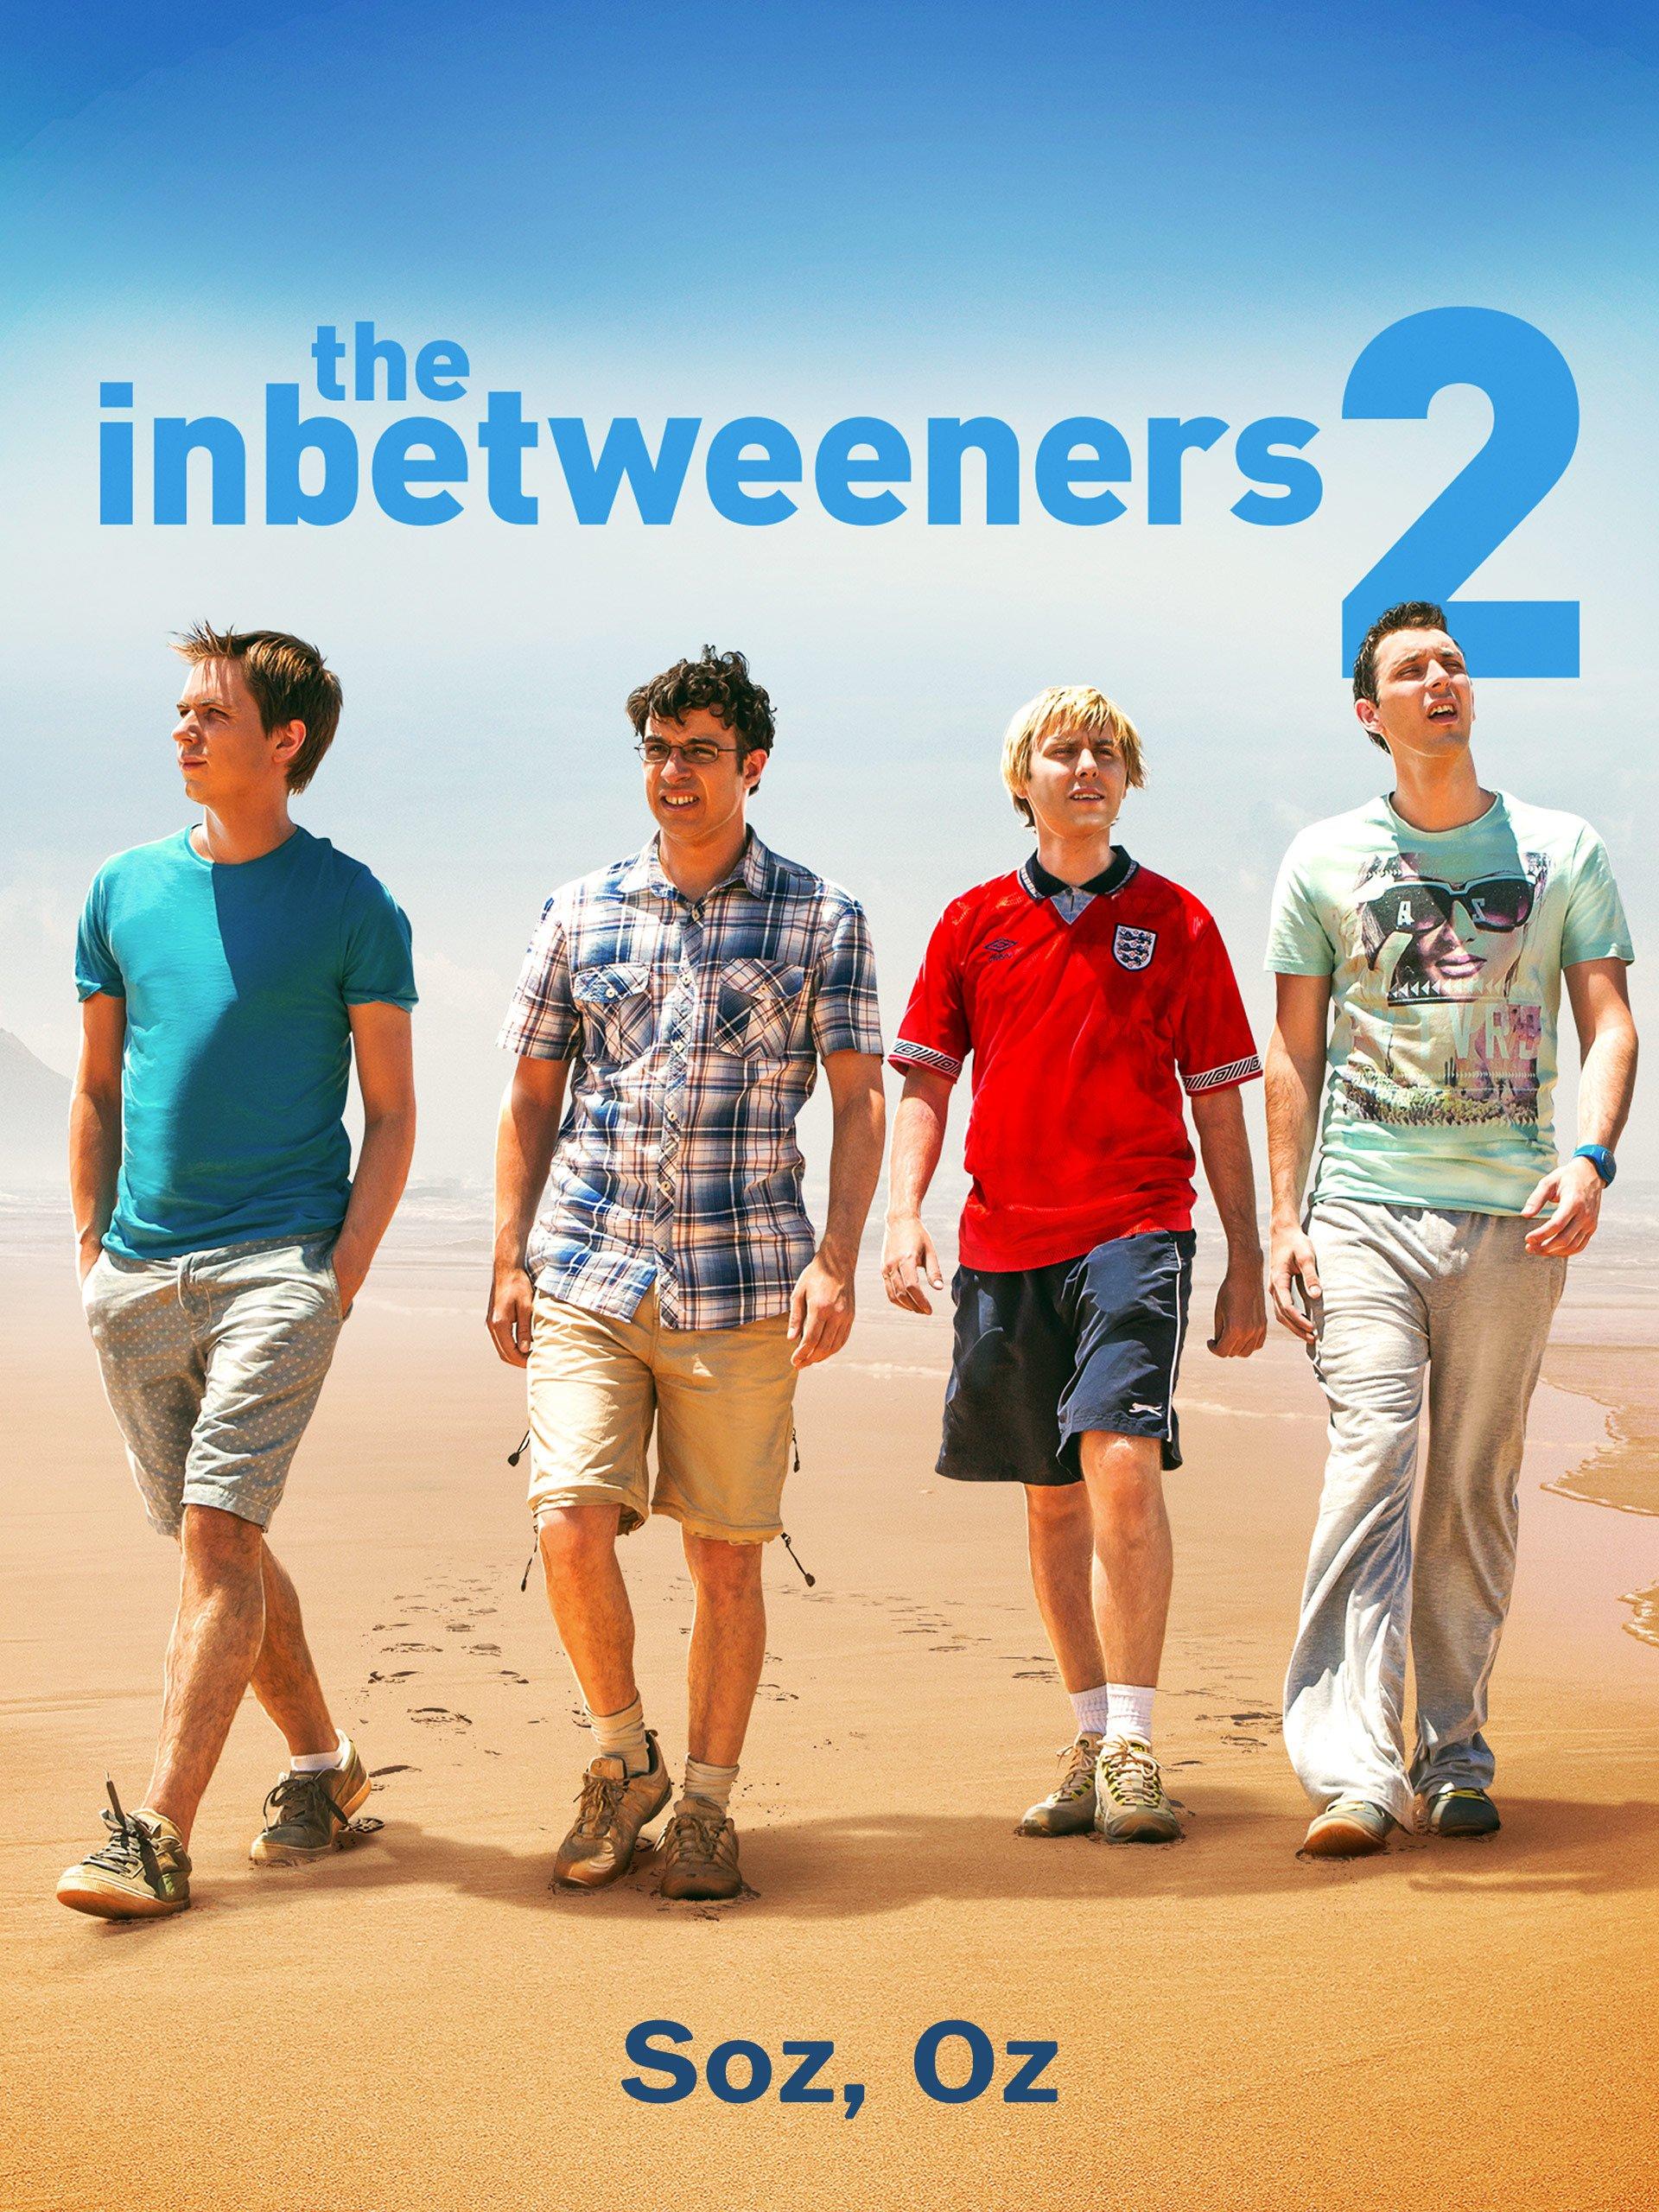 Amazon co uk: Watch The Inbetweeners 2 | Prime Video